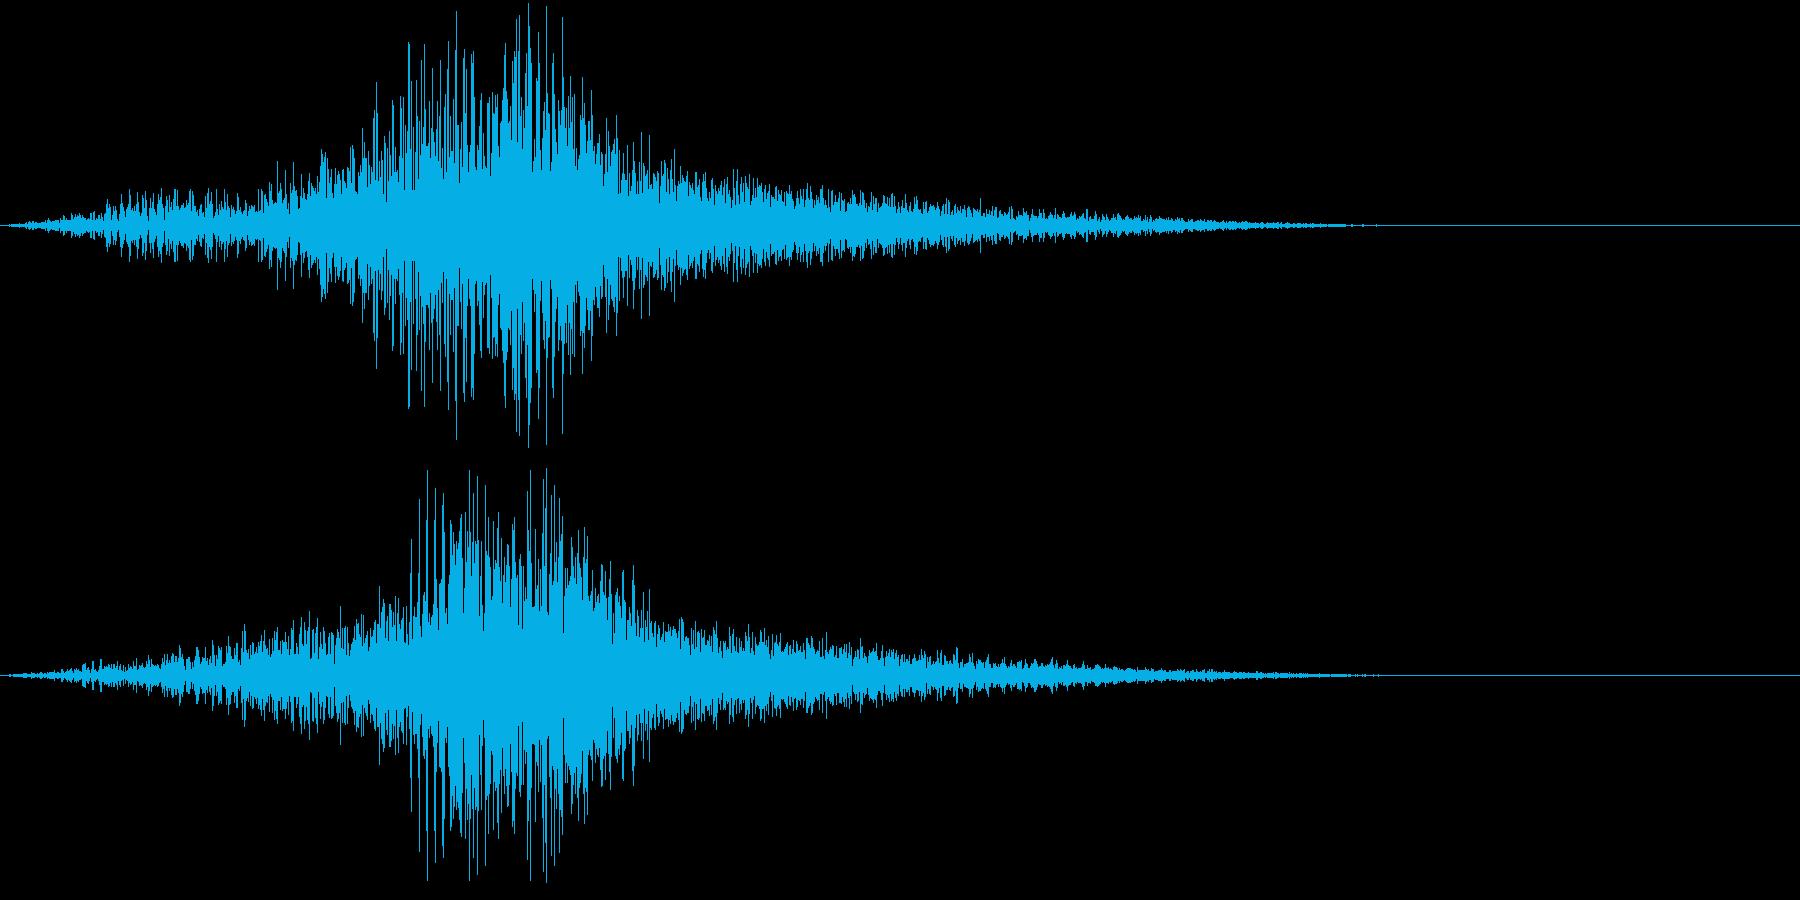 過去の記憶がプレイバックする音の再生済みの波形